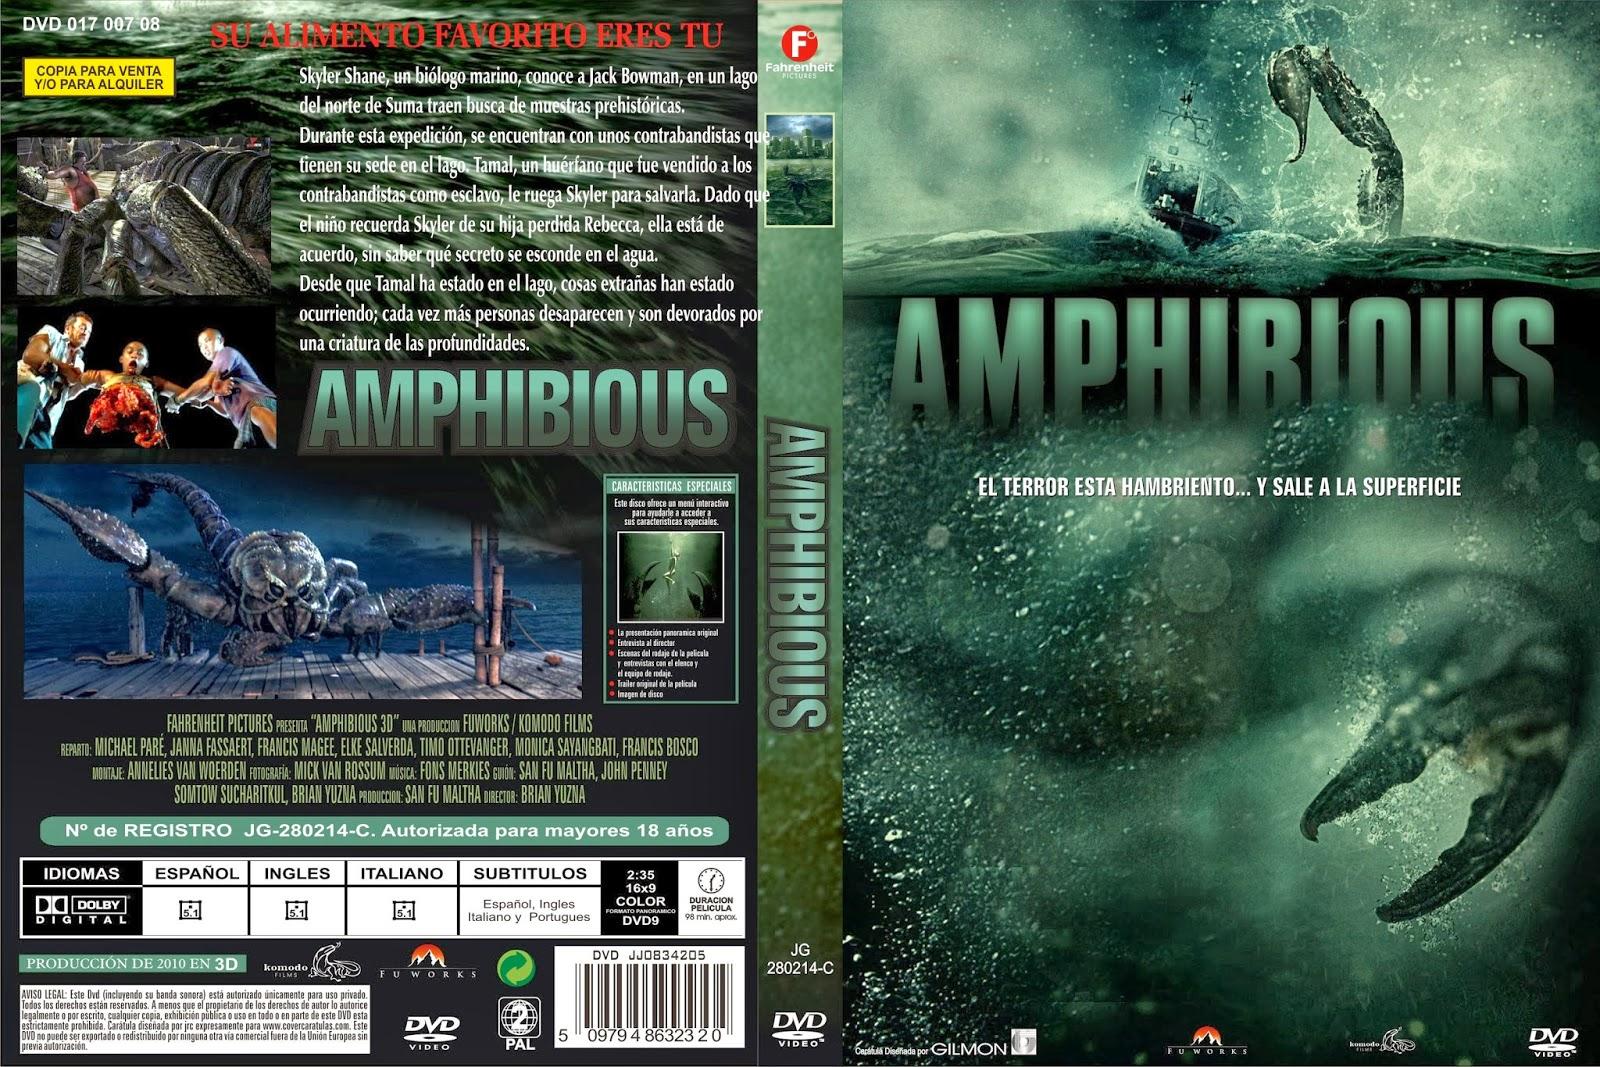 Amphibious Pelicula amphibious 3d dvd cover - coverdvdgratis